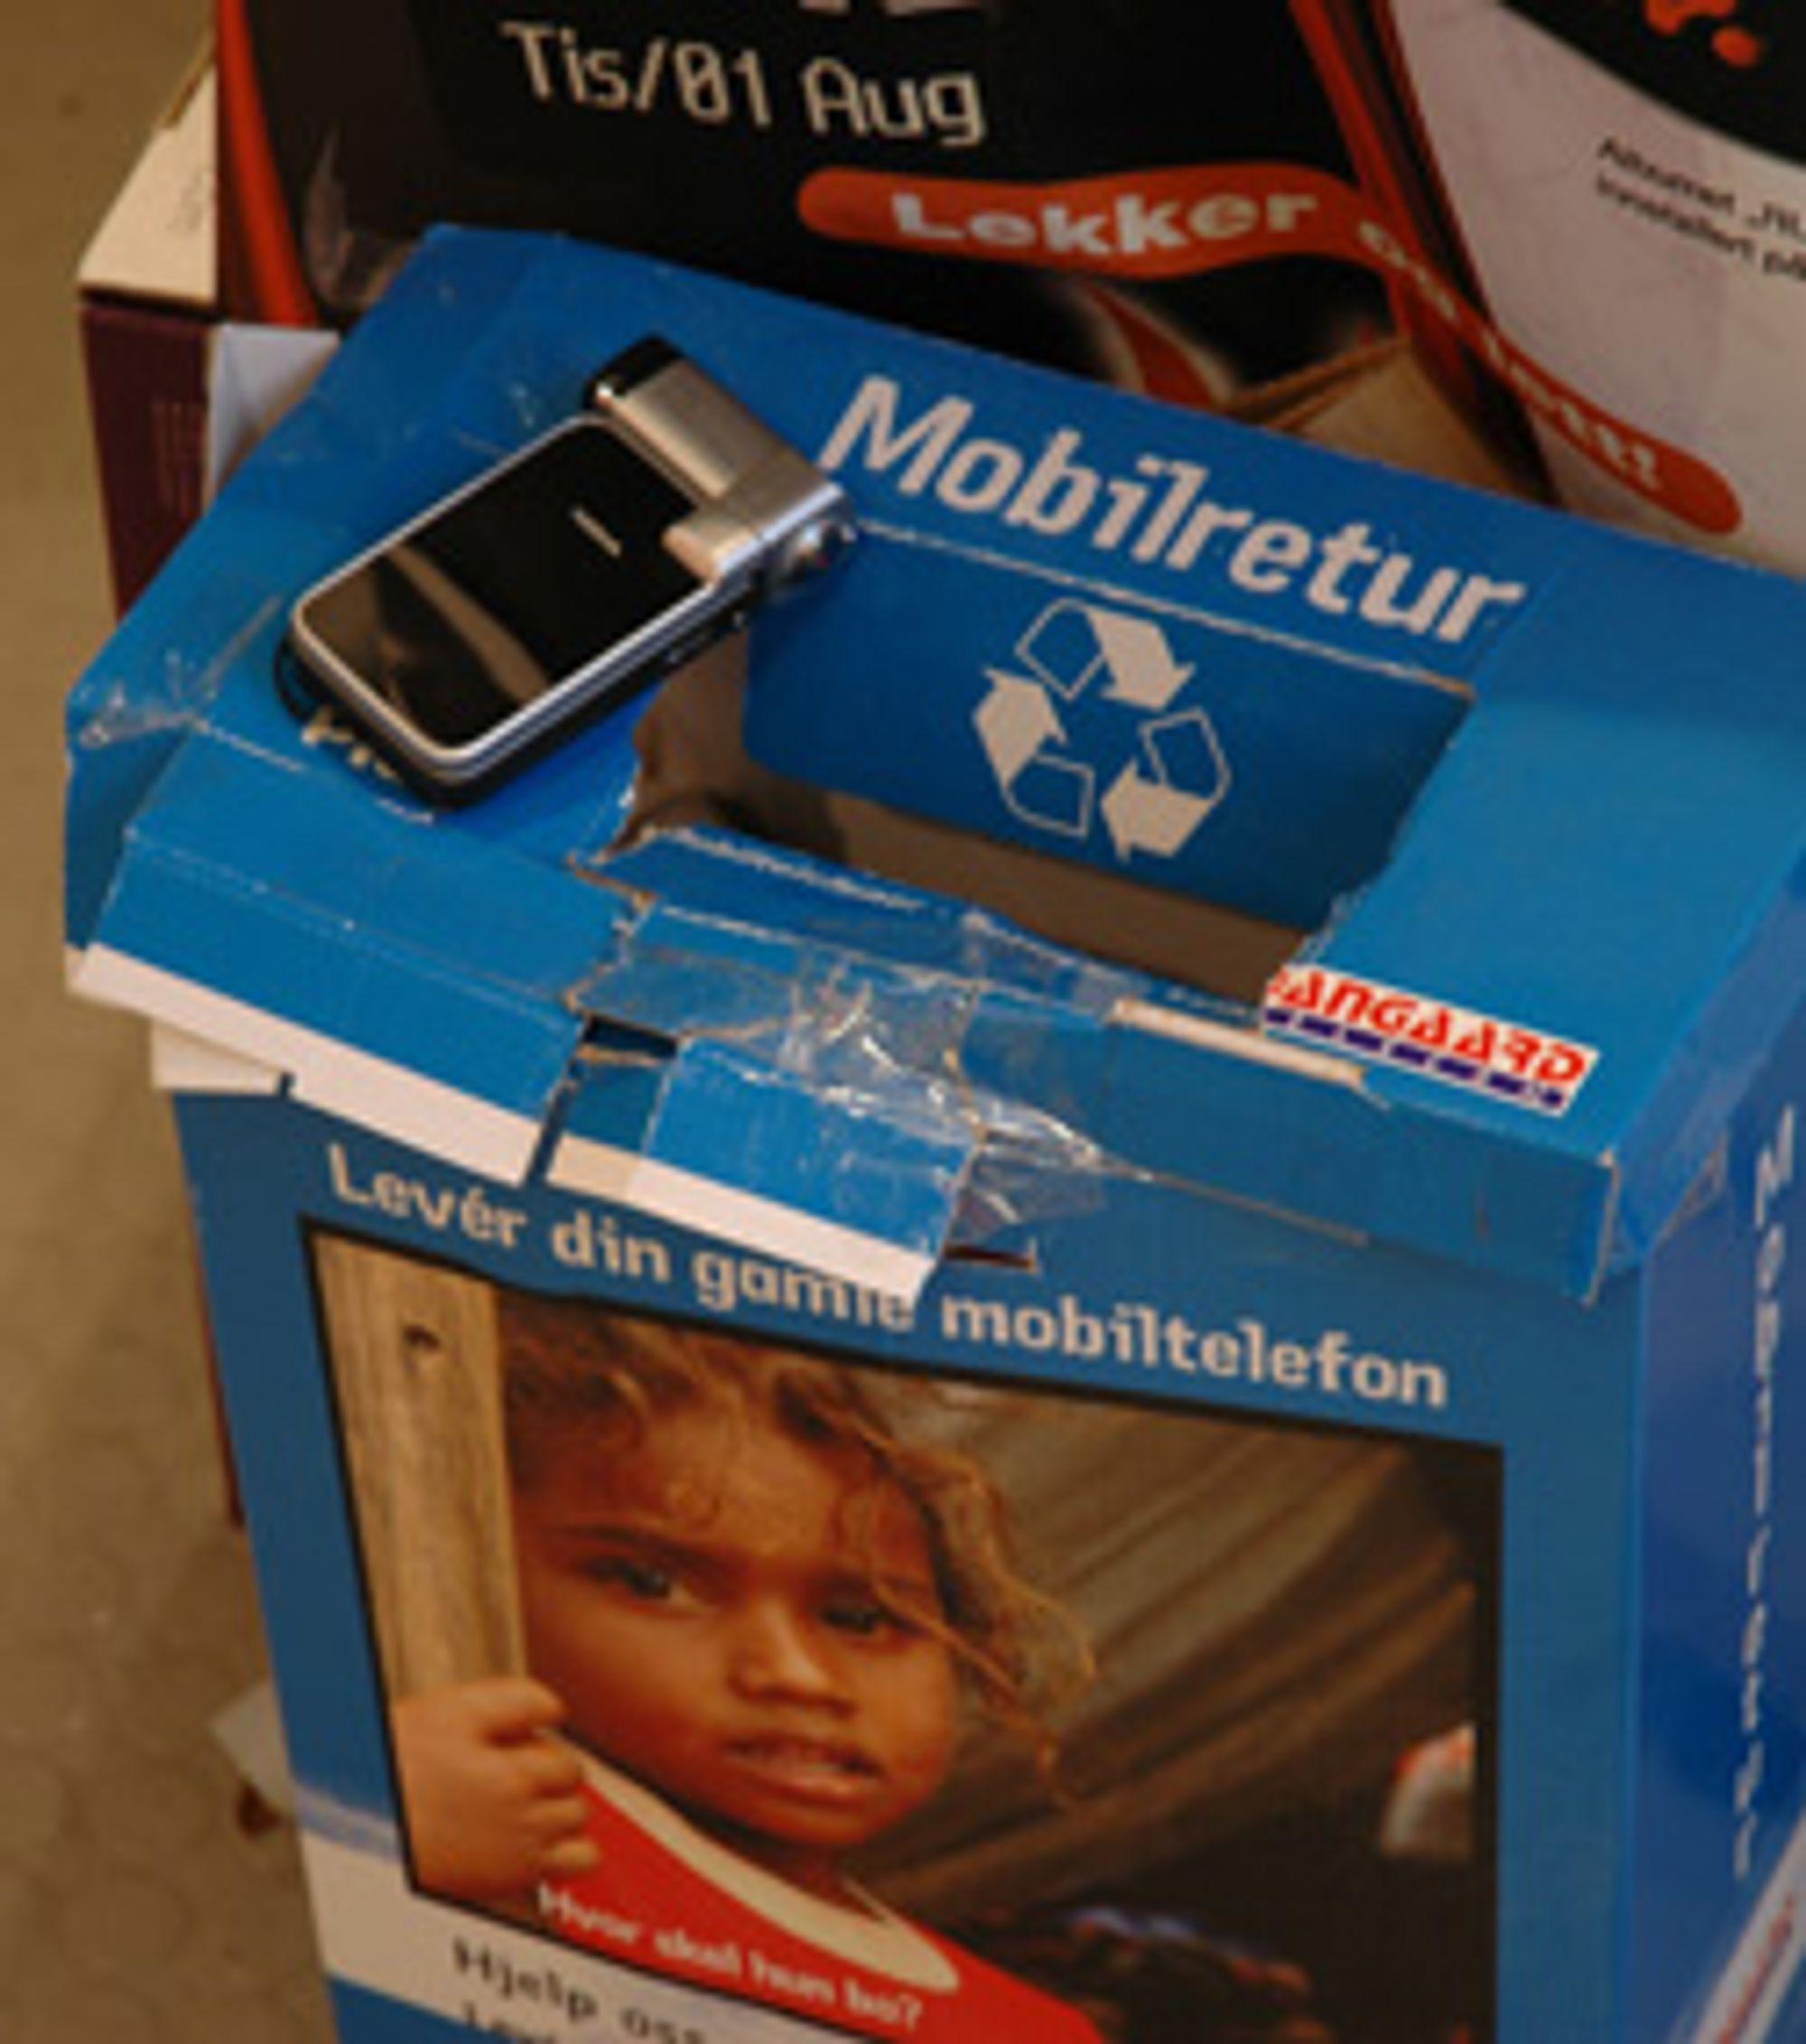 Kast mobilen din i en slik boks, og gjør verden hele tre tjenester. (Foto: Einar Eriksen)